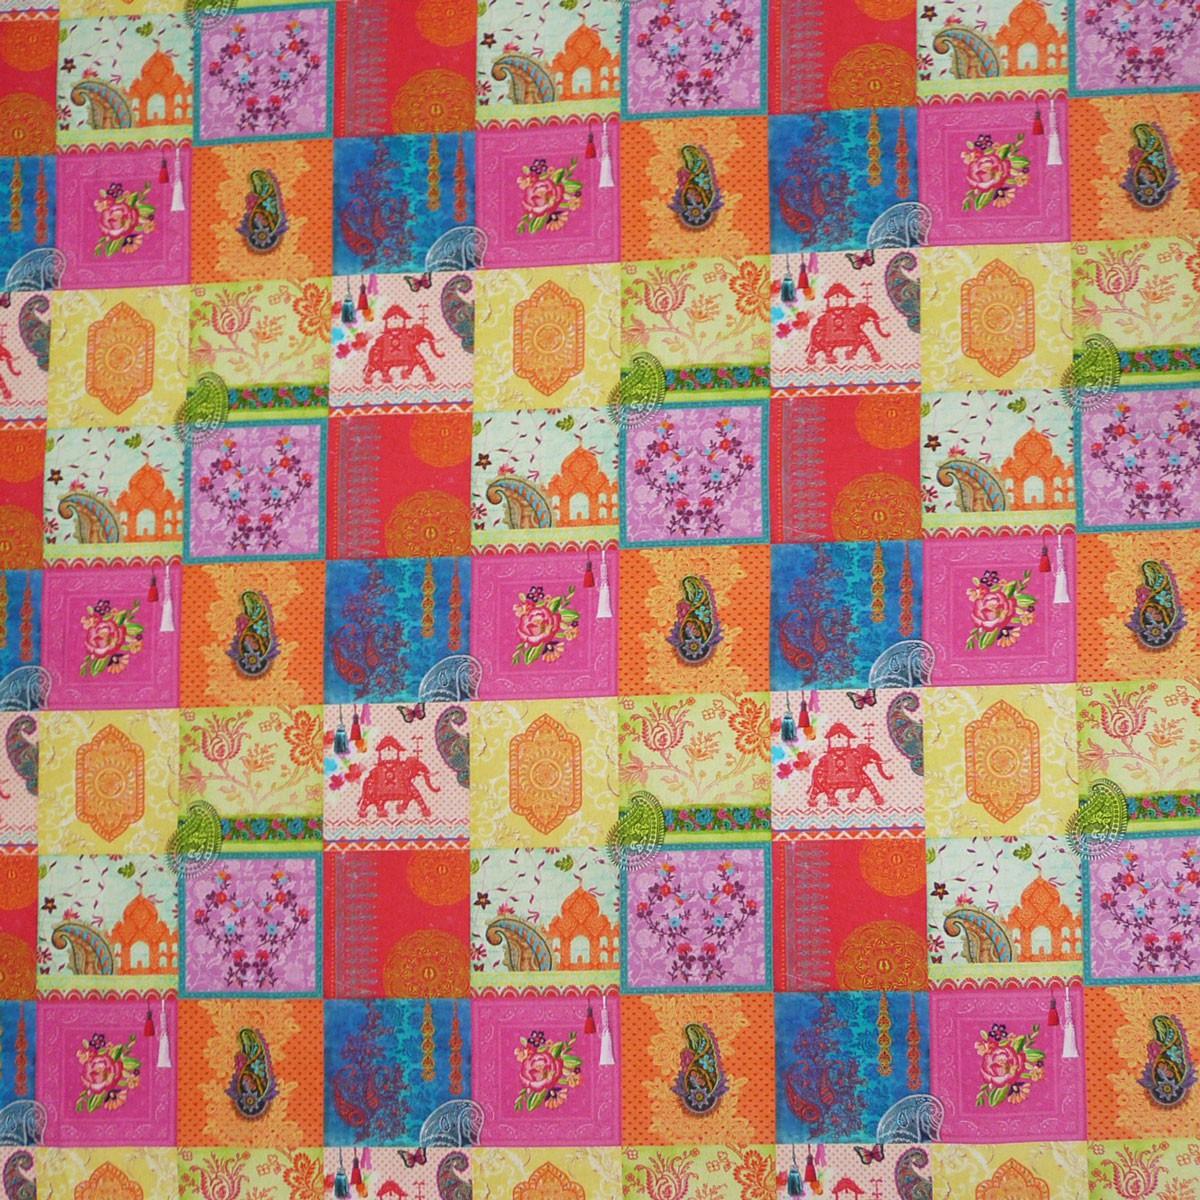 baumwollstoff patchwork orientalisch stoff dekostoff digitaldruck gardinenstoffe dekostoffe. Black Bedroom Furniture Sets. Home Design Ideas